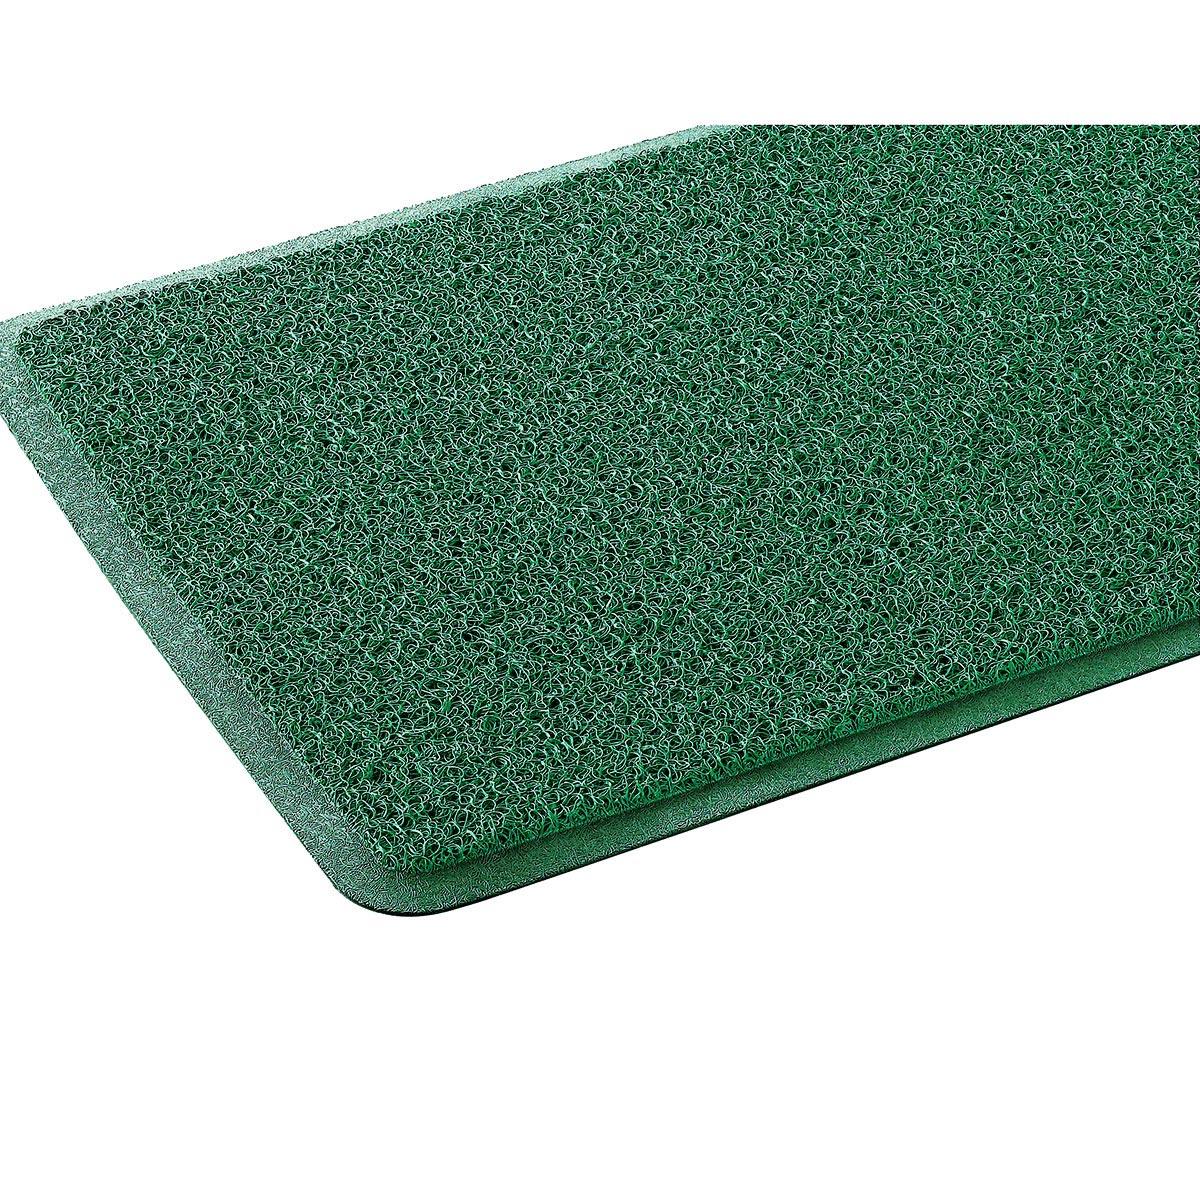 山崎産業 ロンソフトマット スタンダード #18 900×1800mm G(緑) F-129-1-18